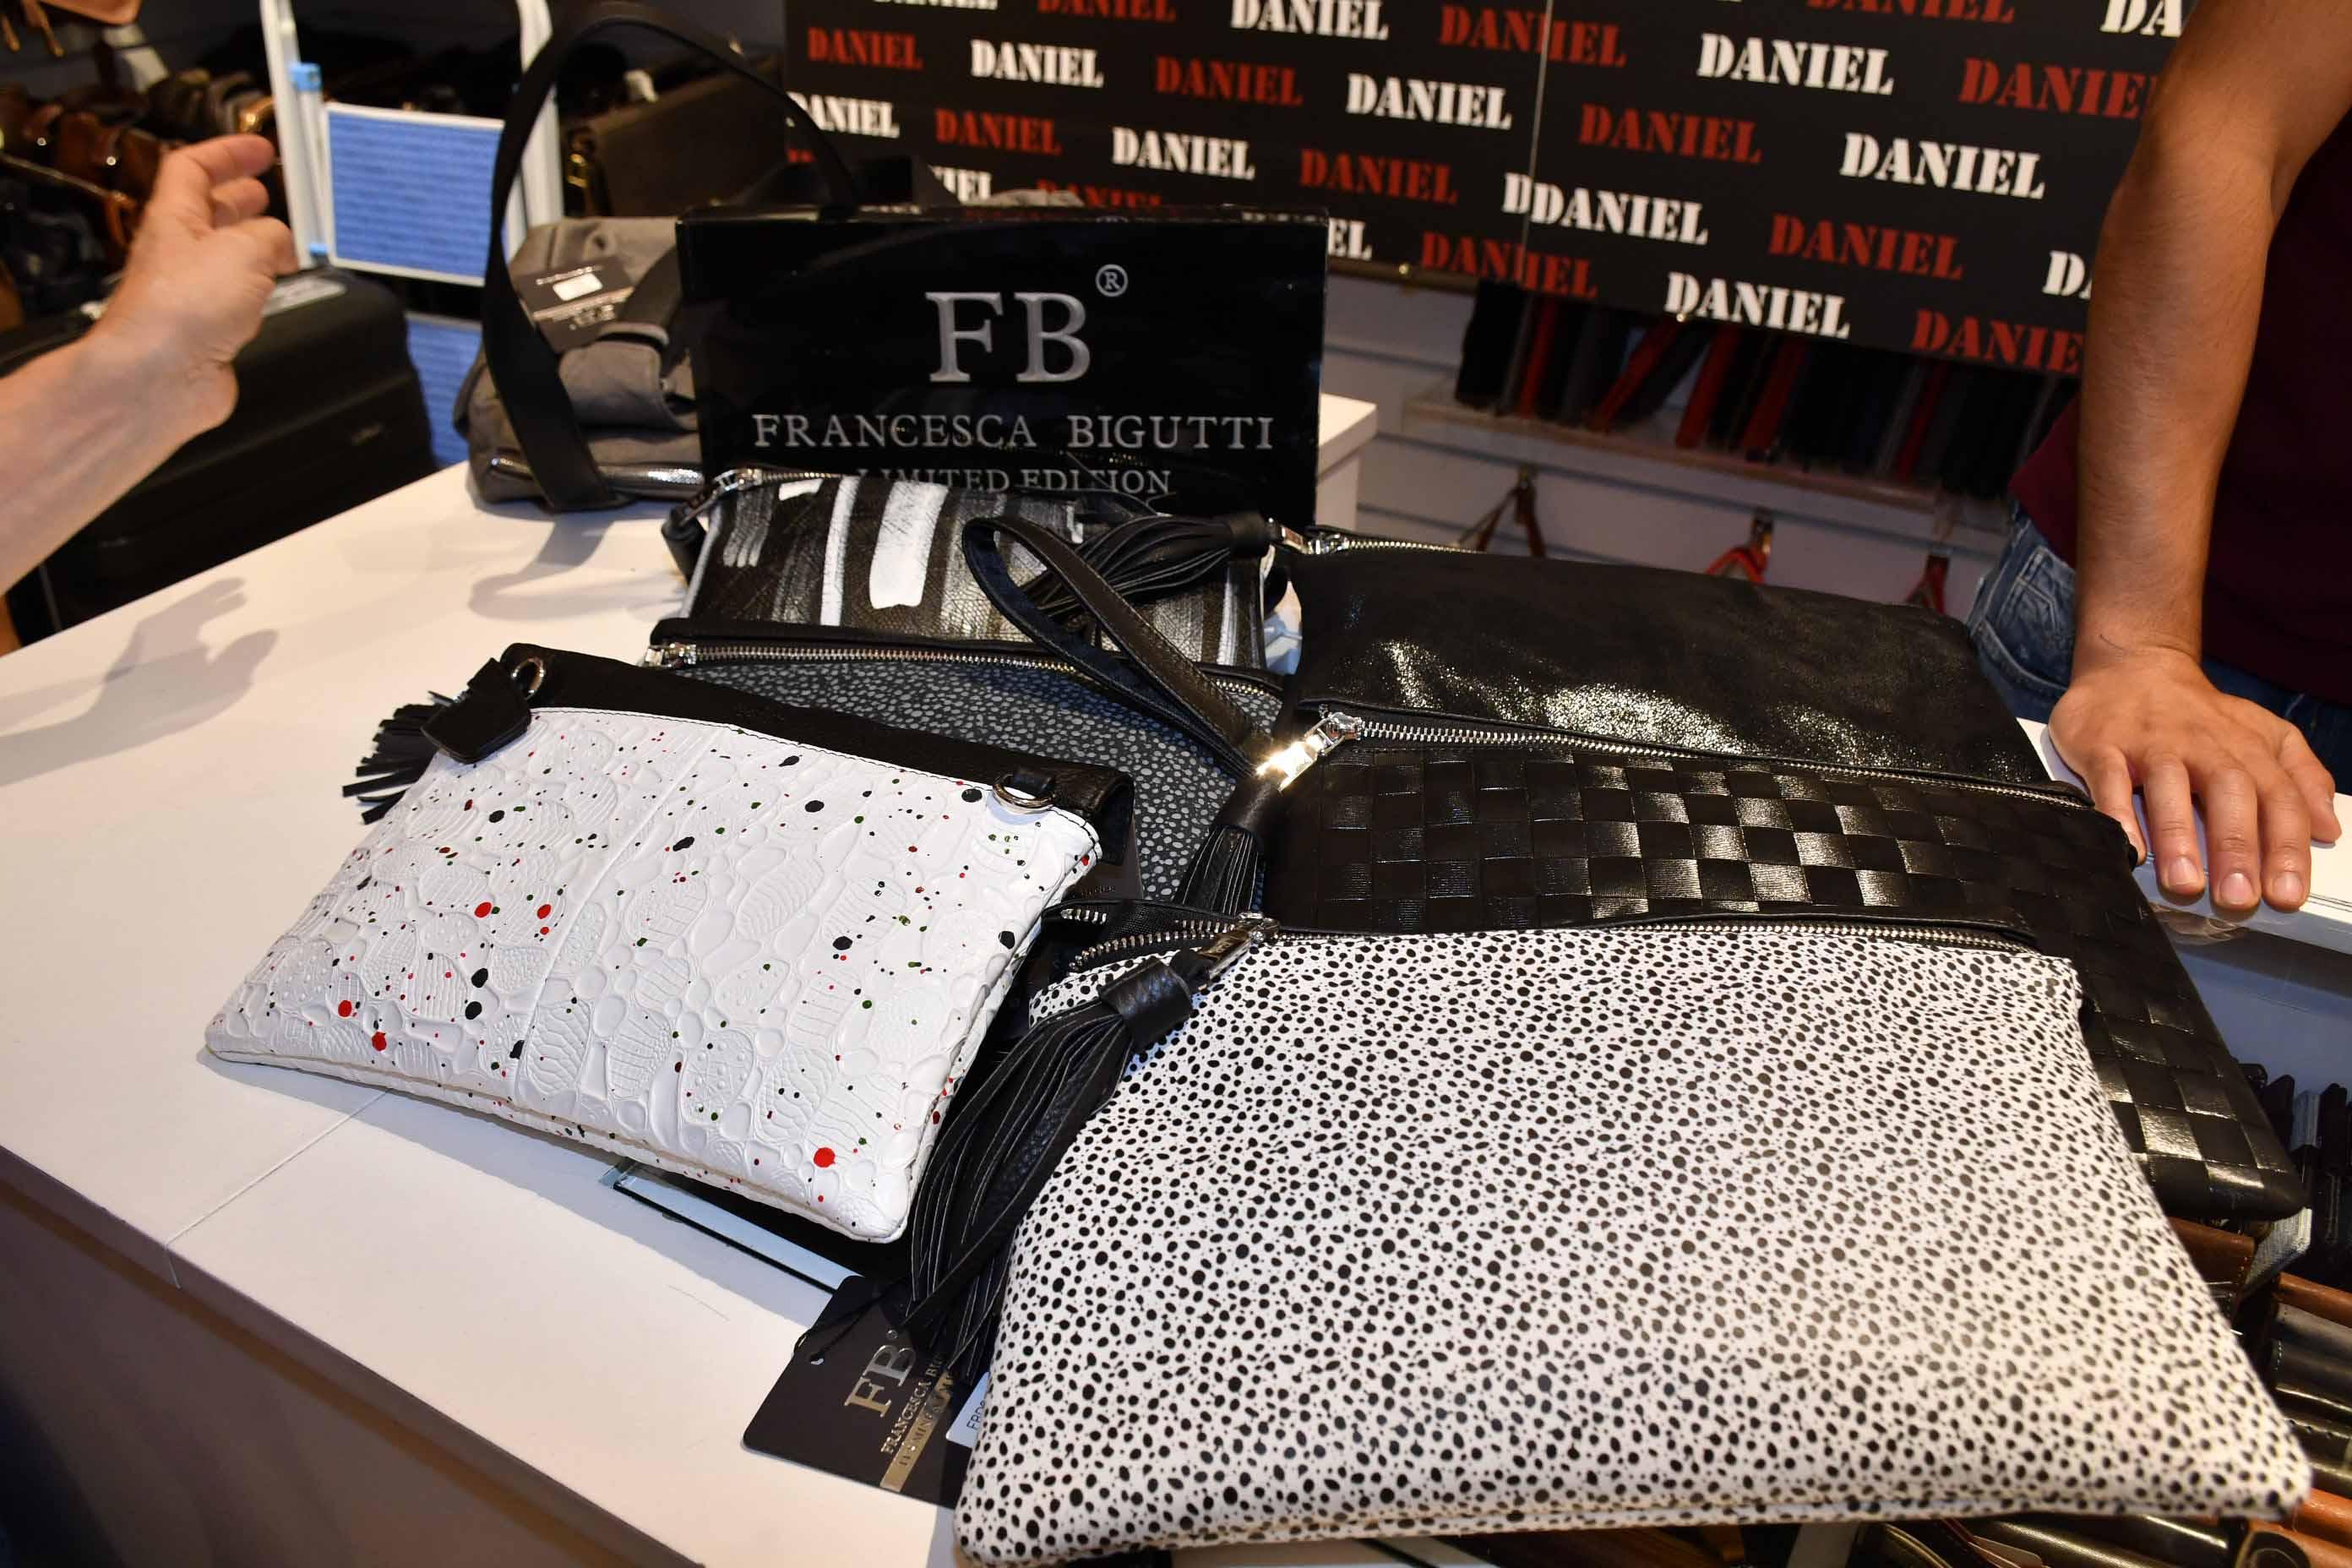 Новая коллекция Francesca Bigutti эксклюзивно в Daniel-Baggs Boutique